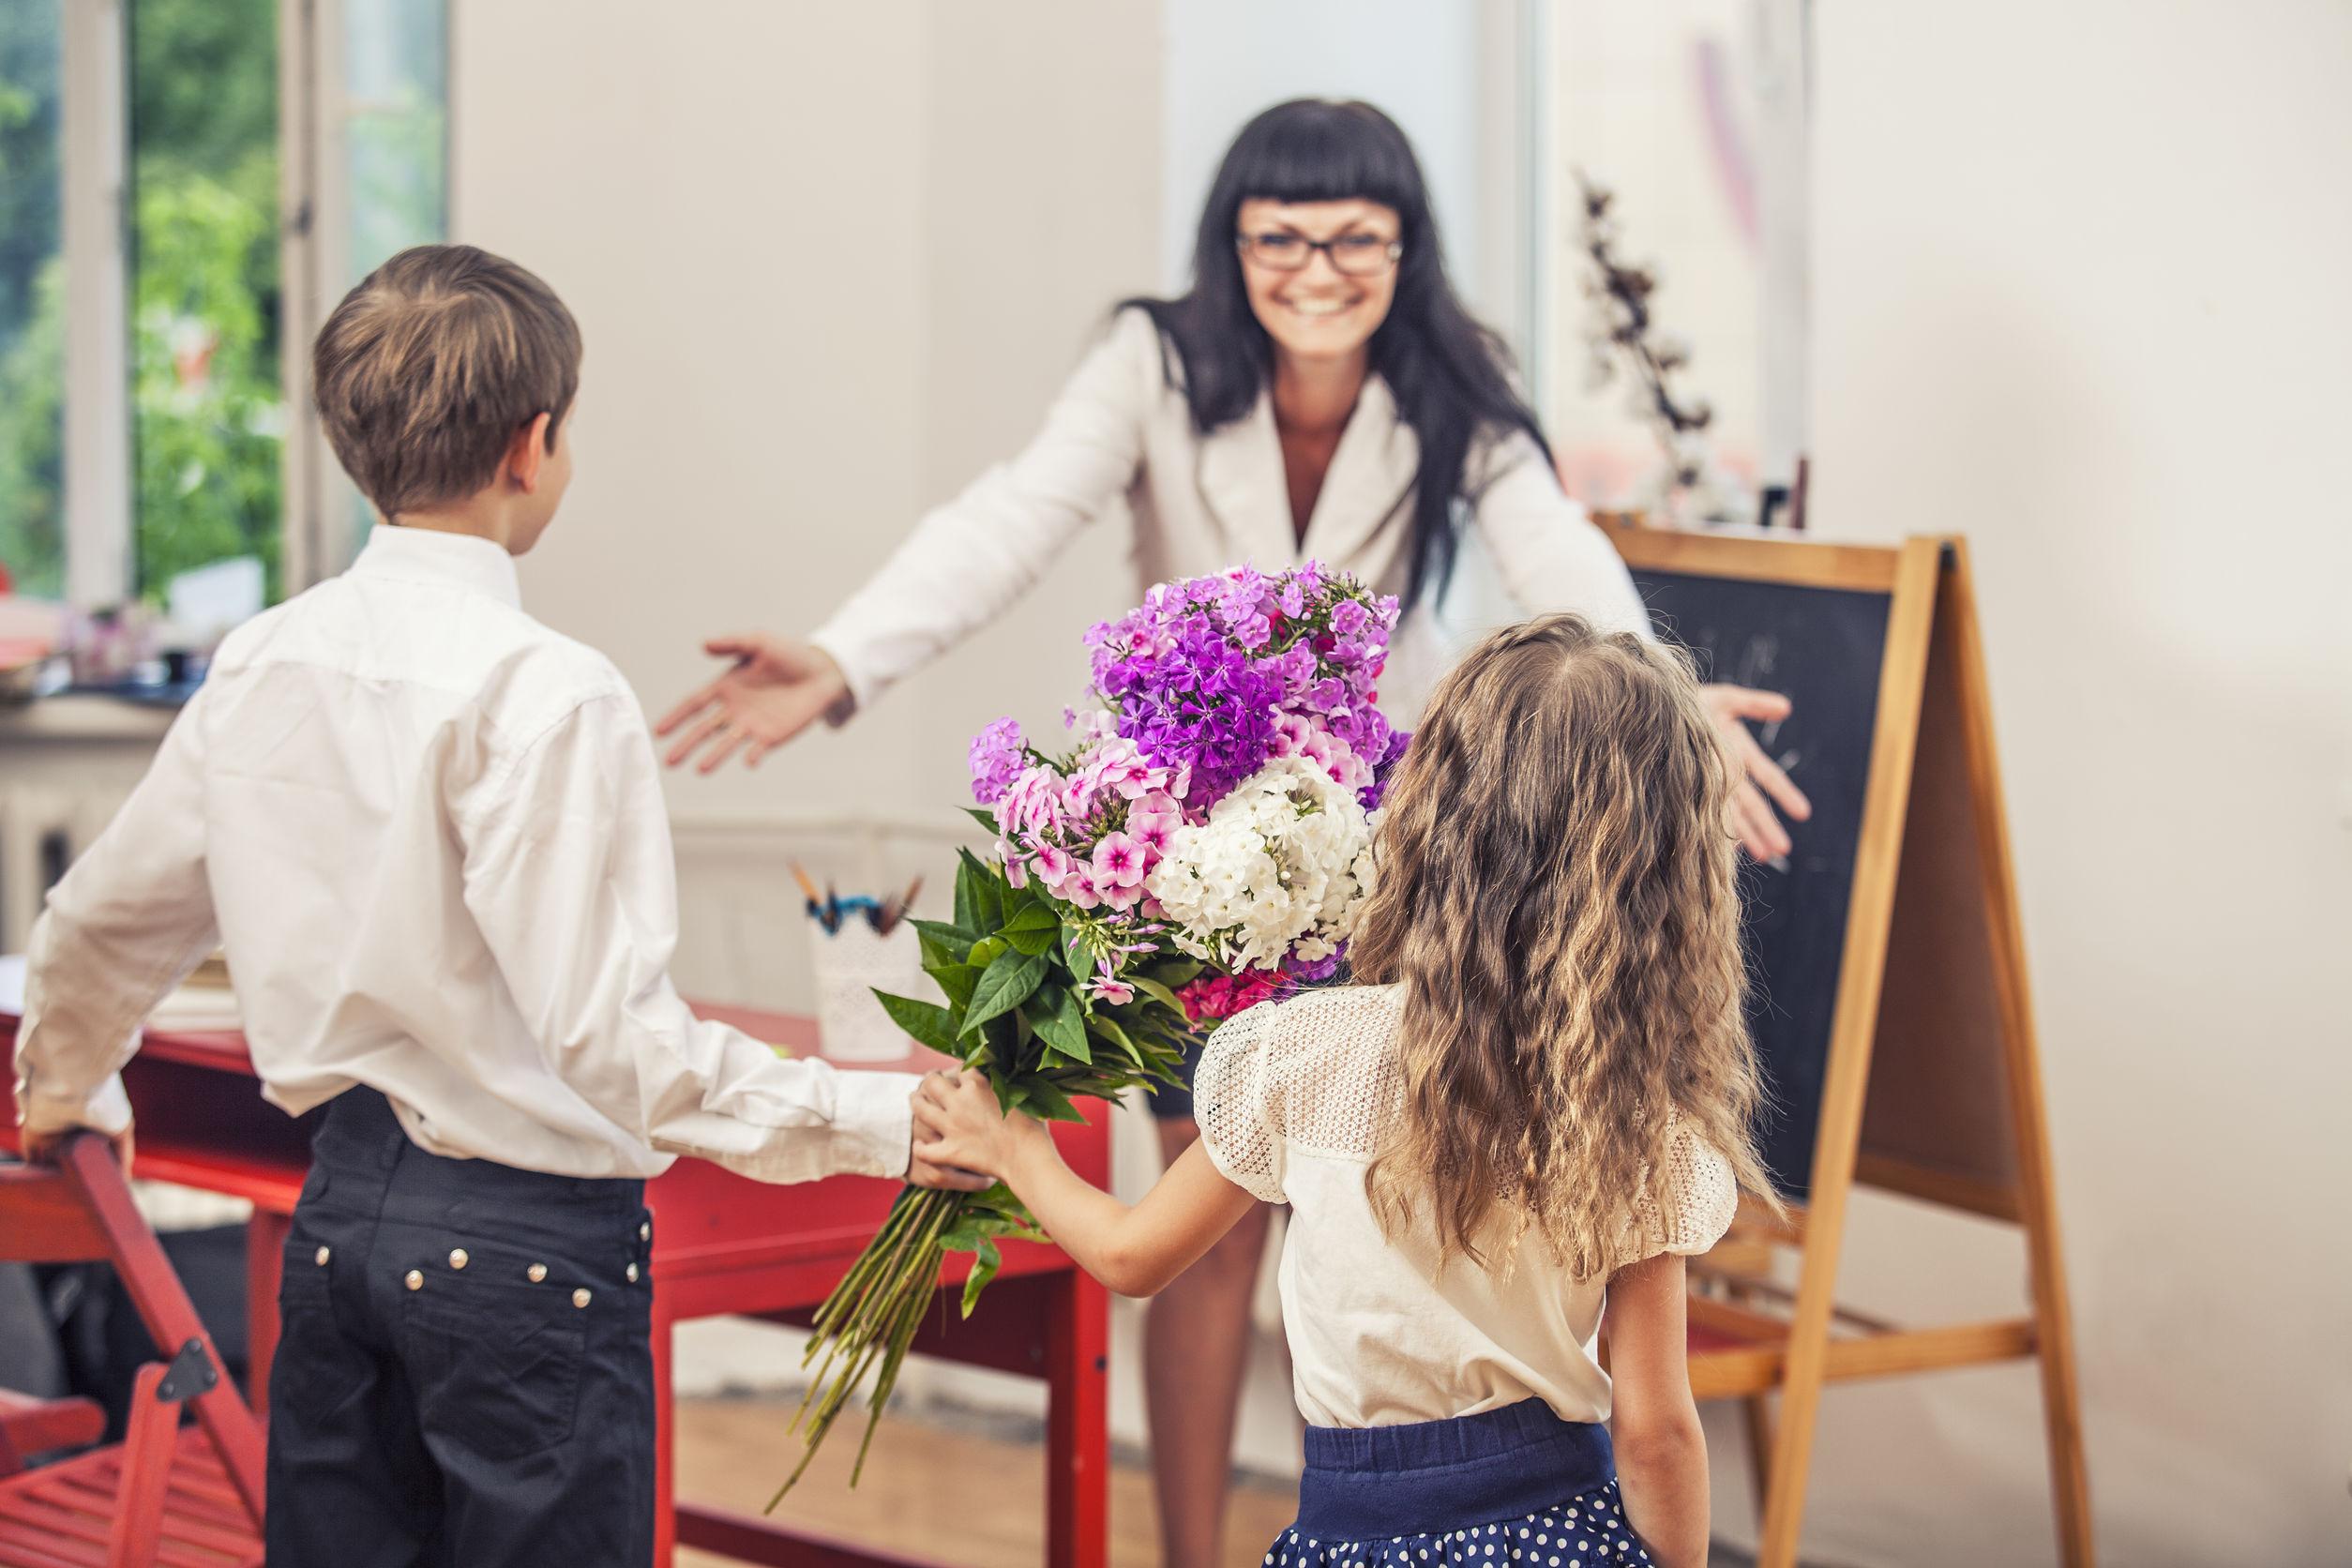 Na foto uma professora de braços abertos e dois alunos indo ao seu encontro segurando flores.